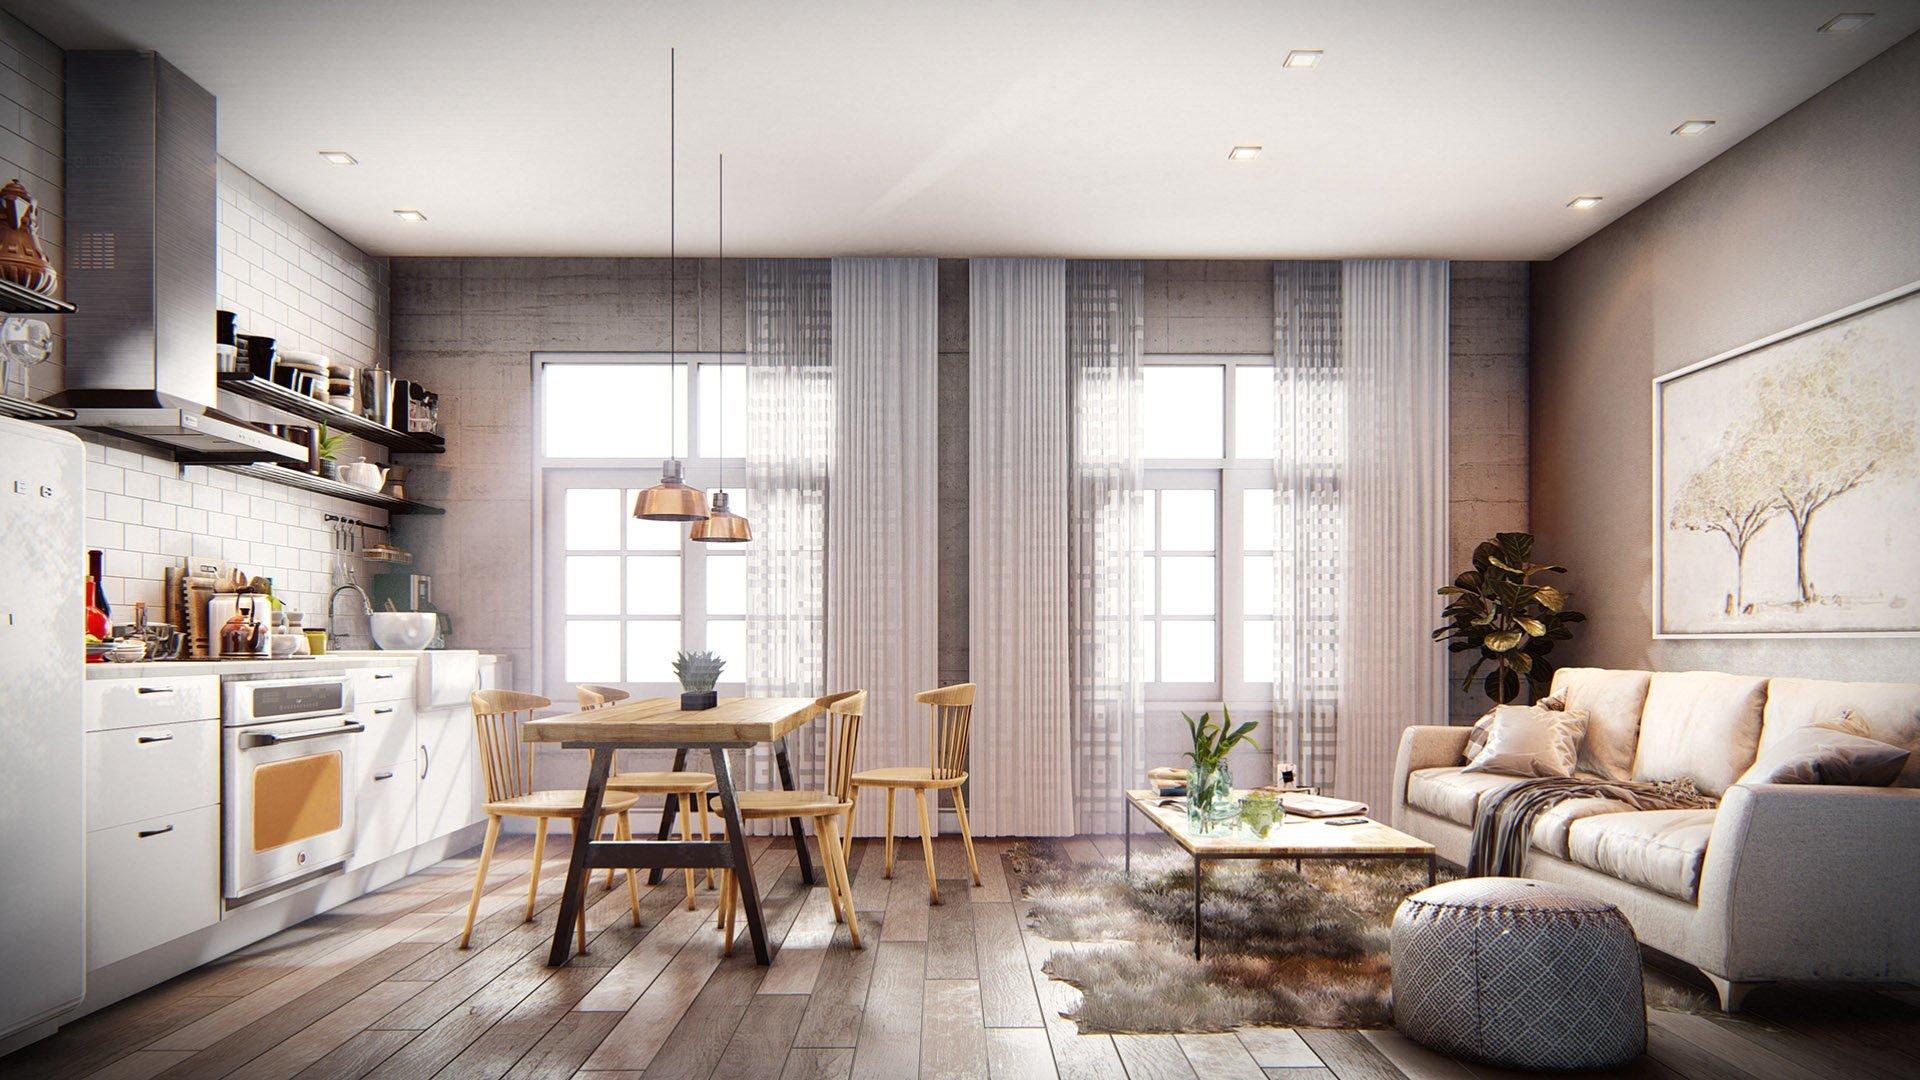 Como hacer render interior revit for Programa para crear espacios interiores